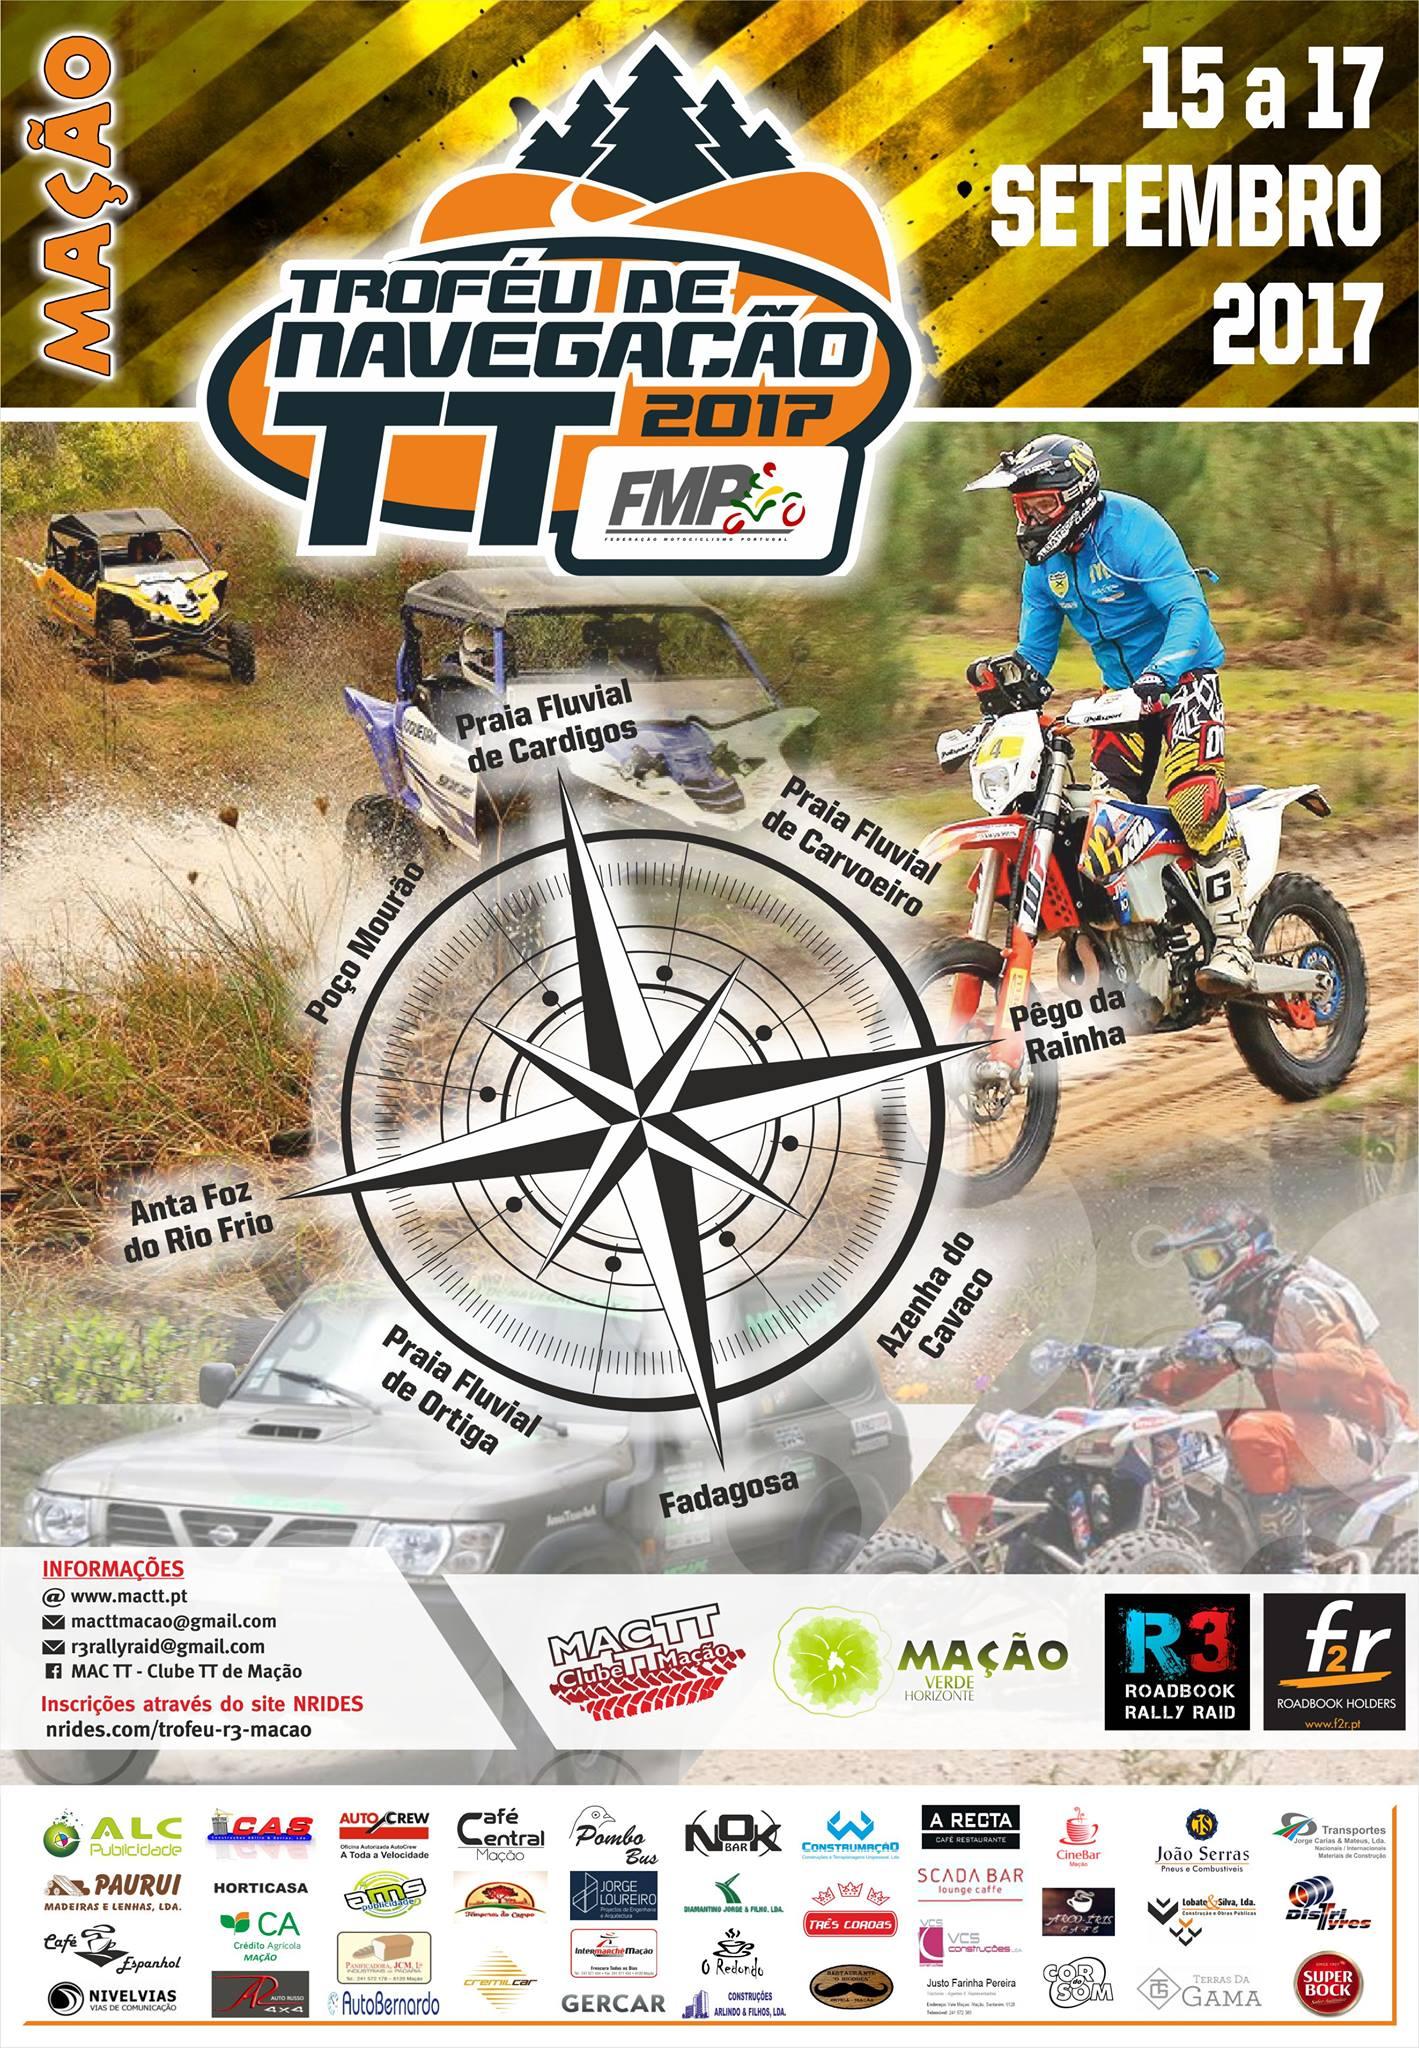 Troféu de Navegação FMP - R3 Mação 2017 - Cartaz